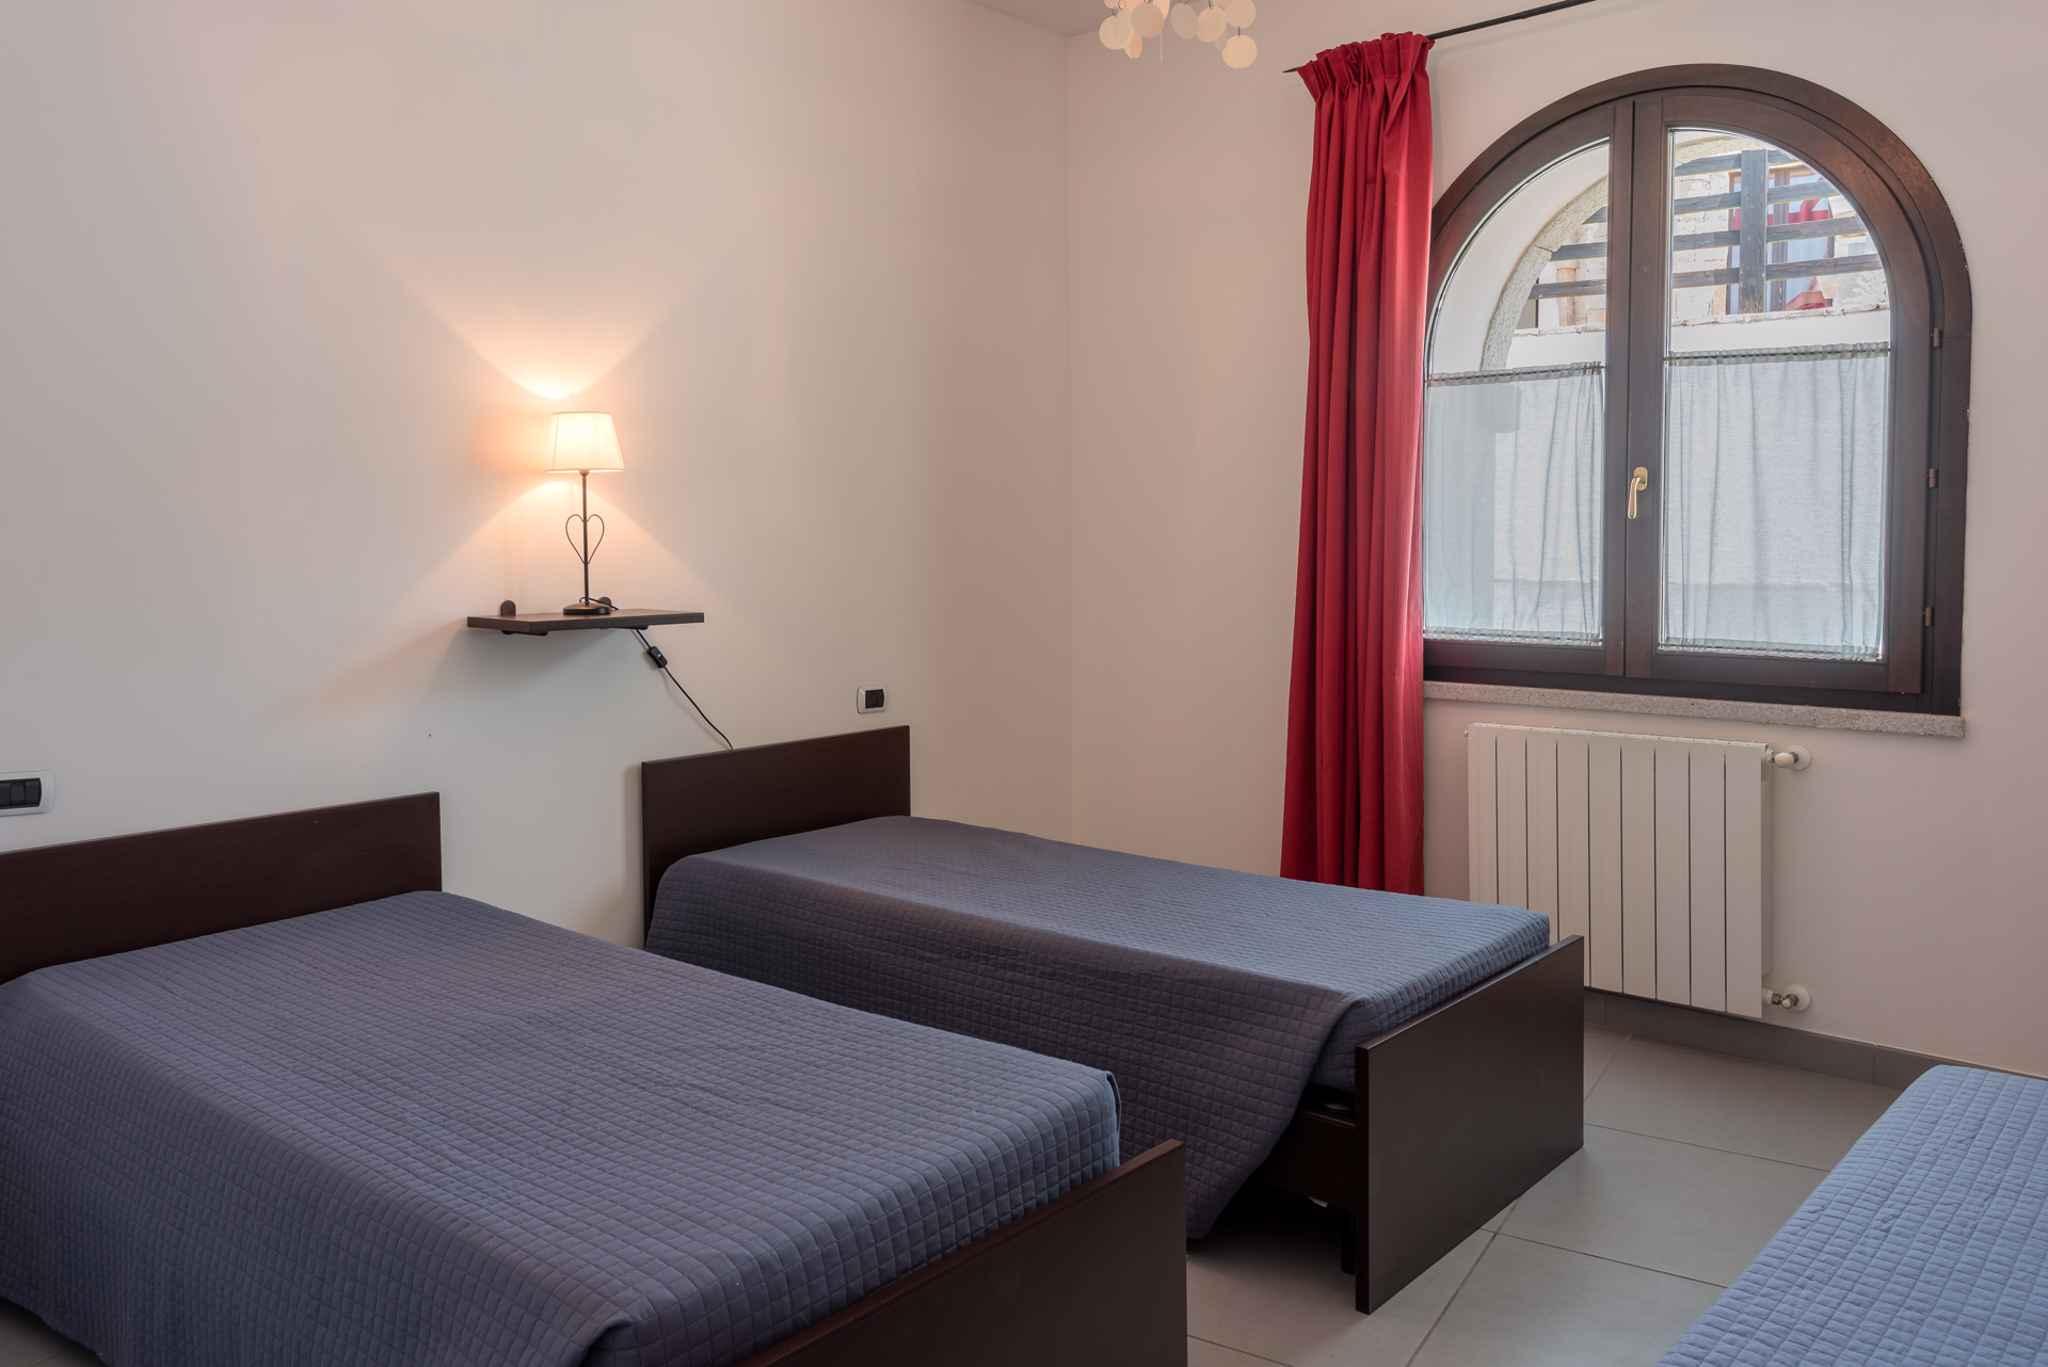 Ferienhaus mit KLimaanlage (2182426), Alghero, Sassari, Sardinien, Italien, Bild 22